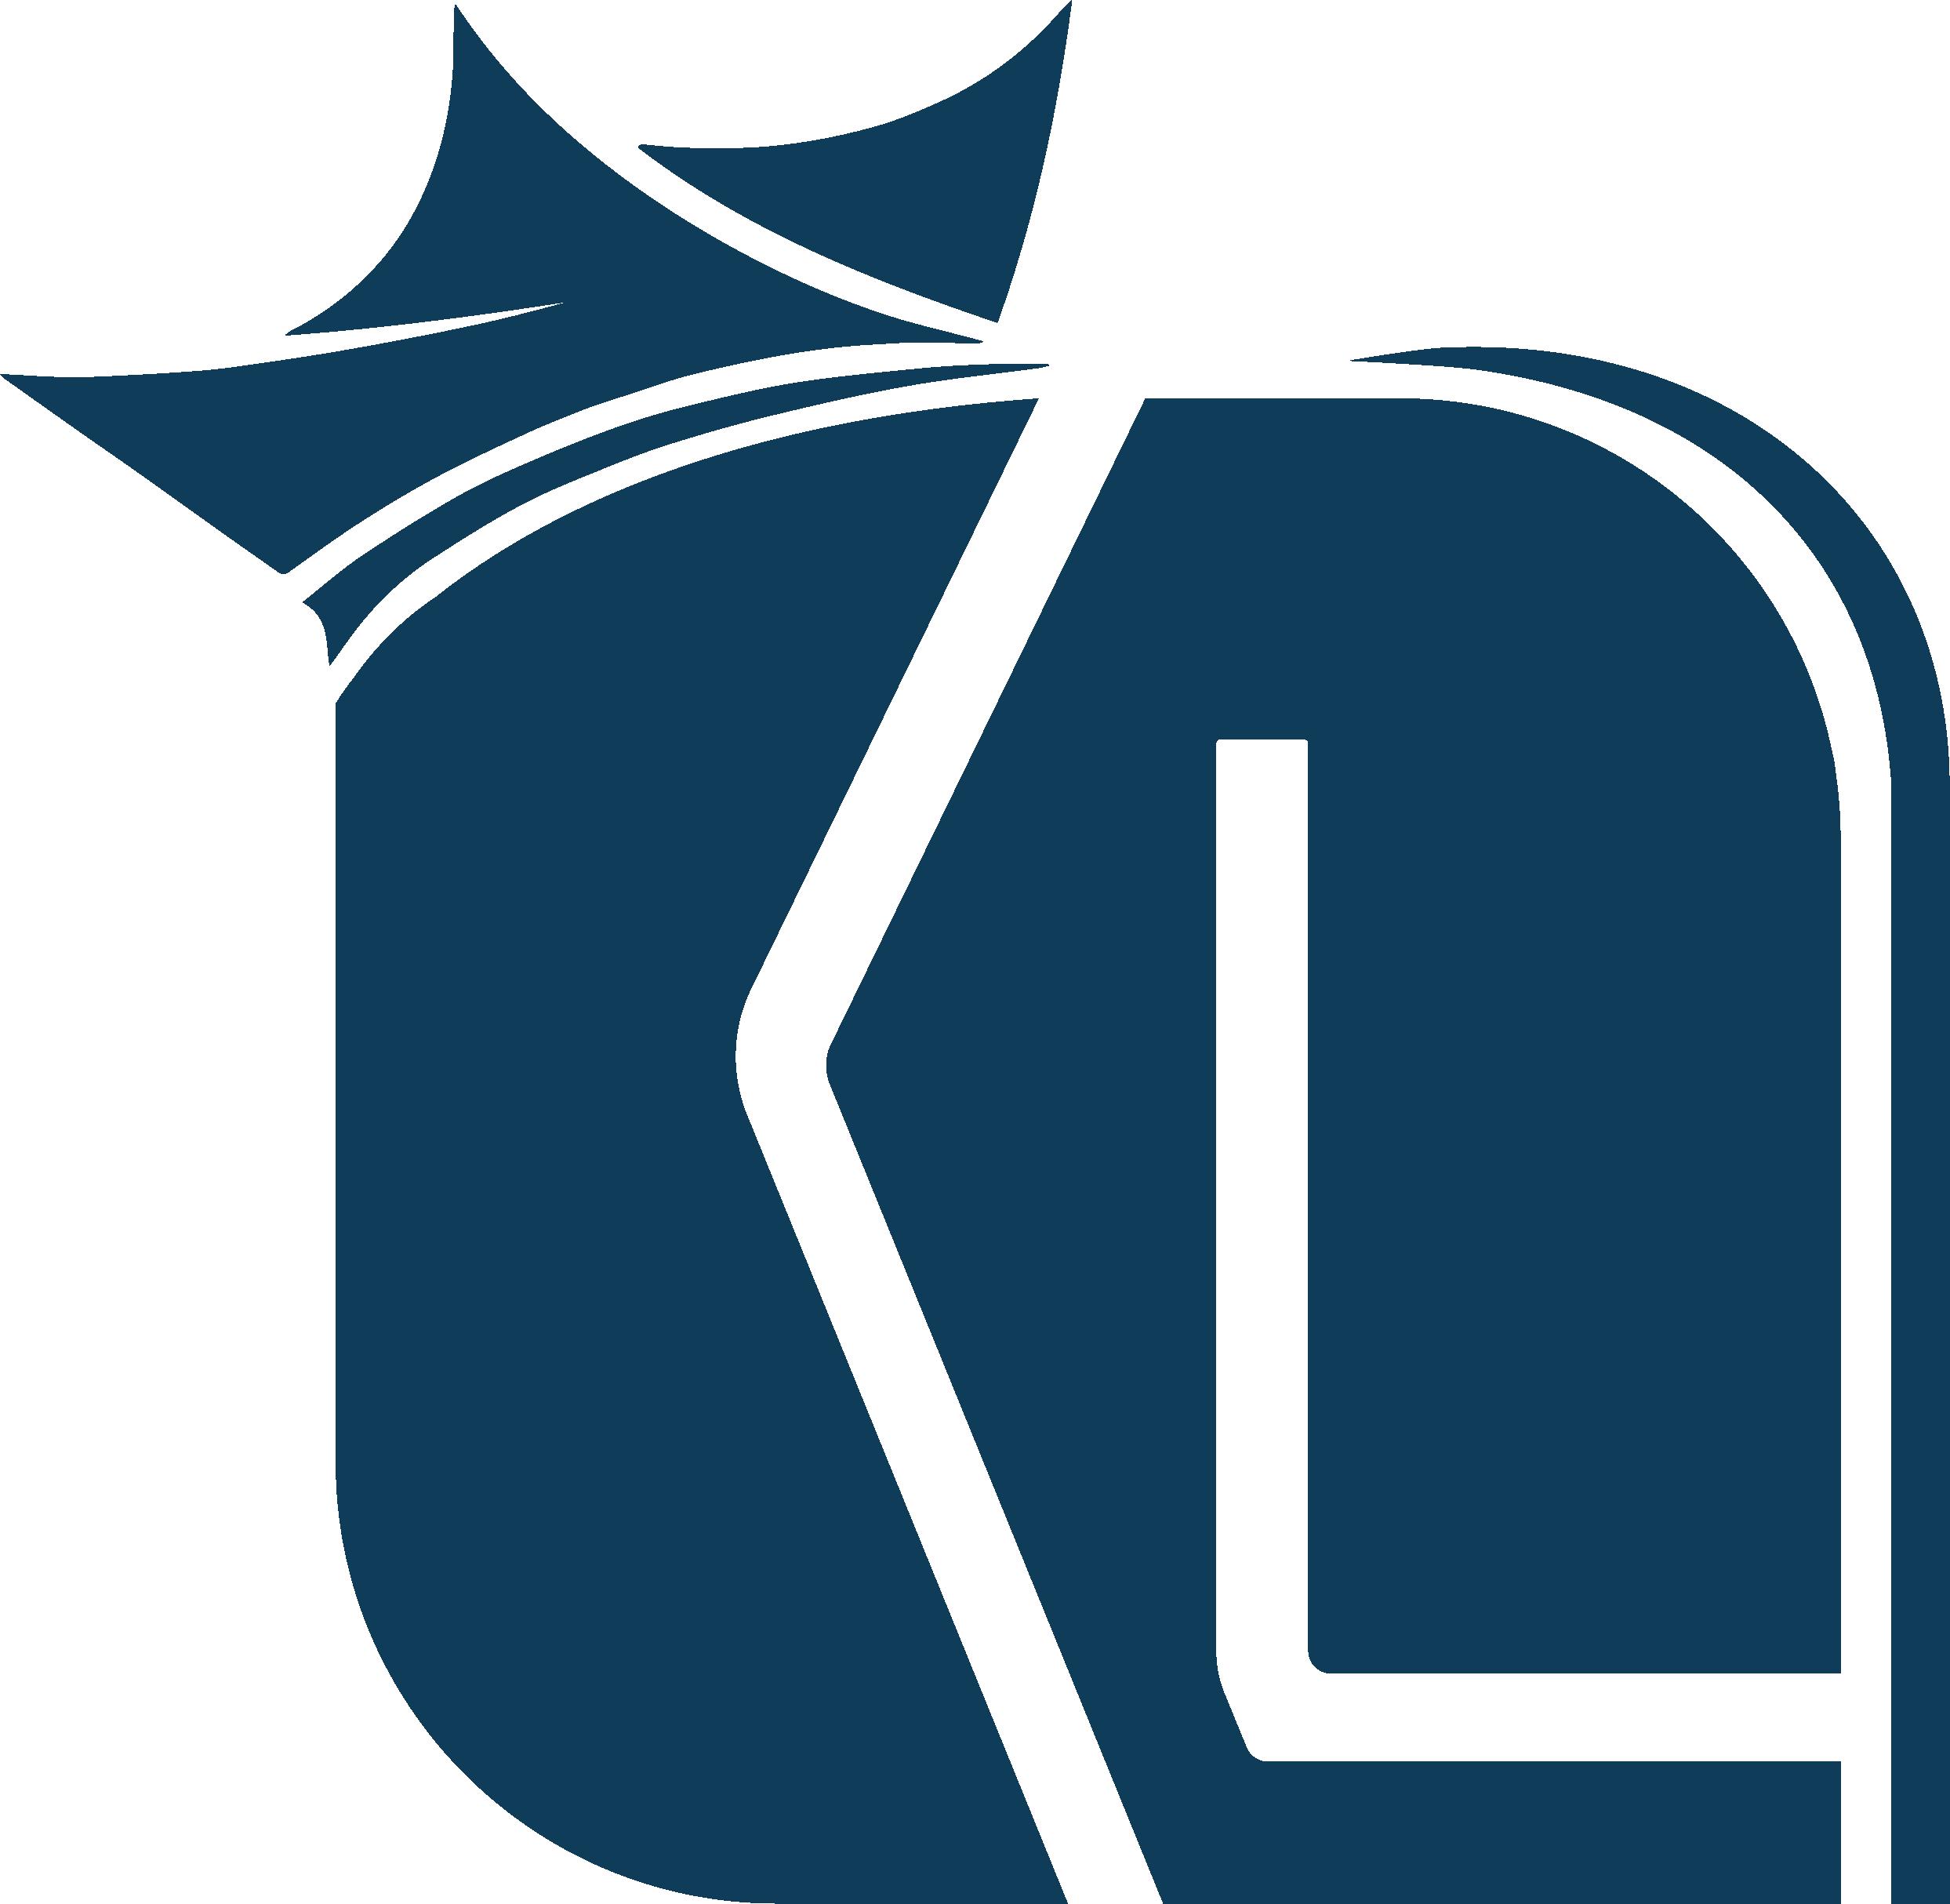 Kingdom Life Christian Fellowship